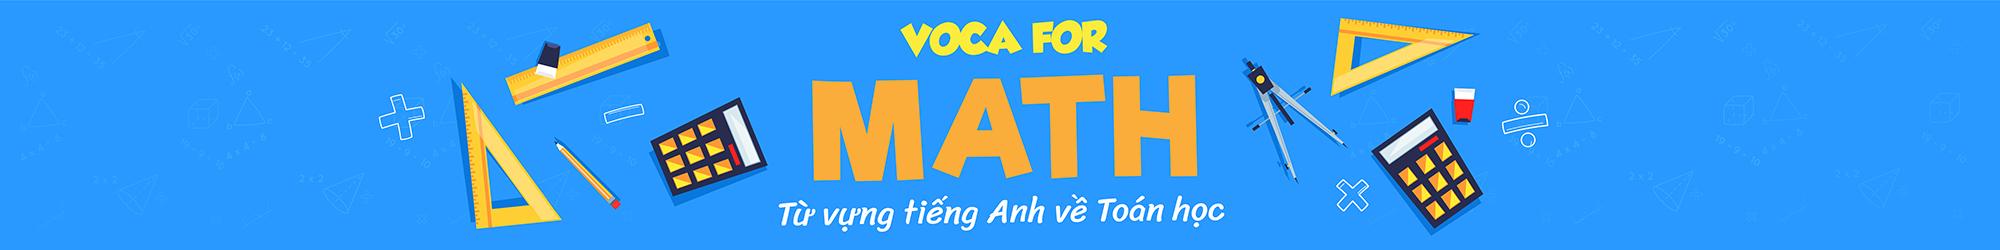 VOCA FOR MATH